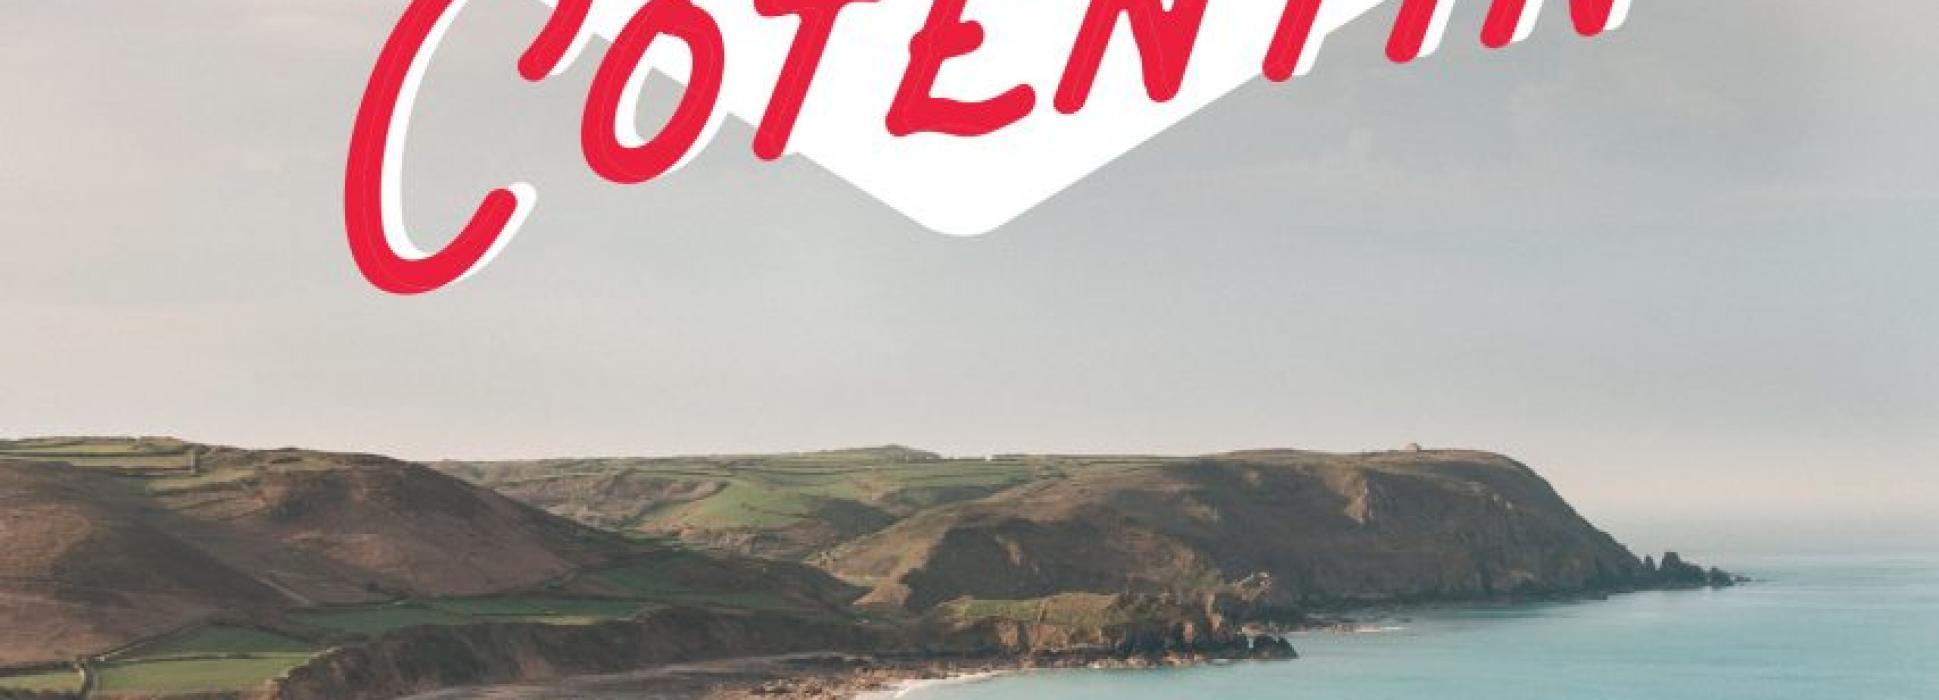 """Big Red One Editions publie """"Road trip sur le littoral du Cotentin"""" en décembre 2019"""